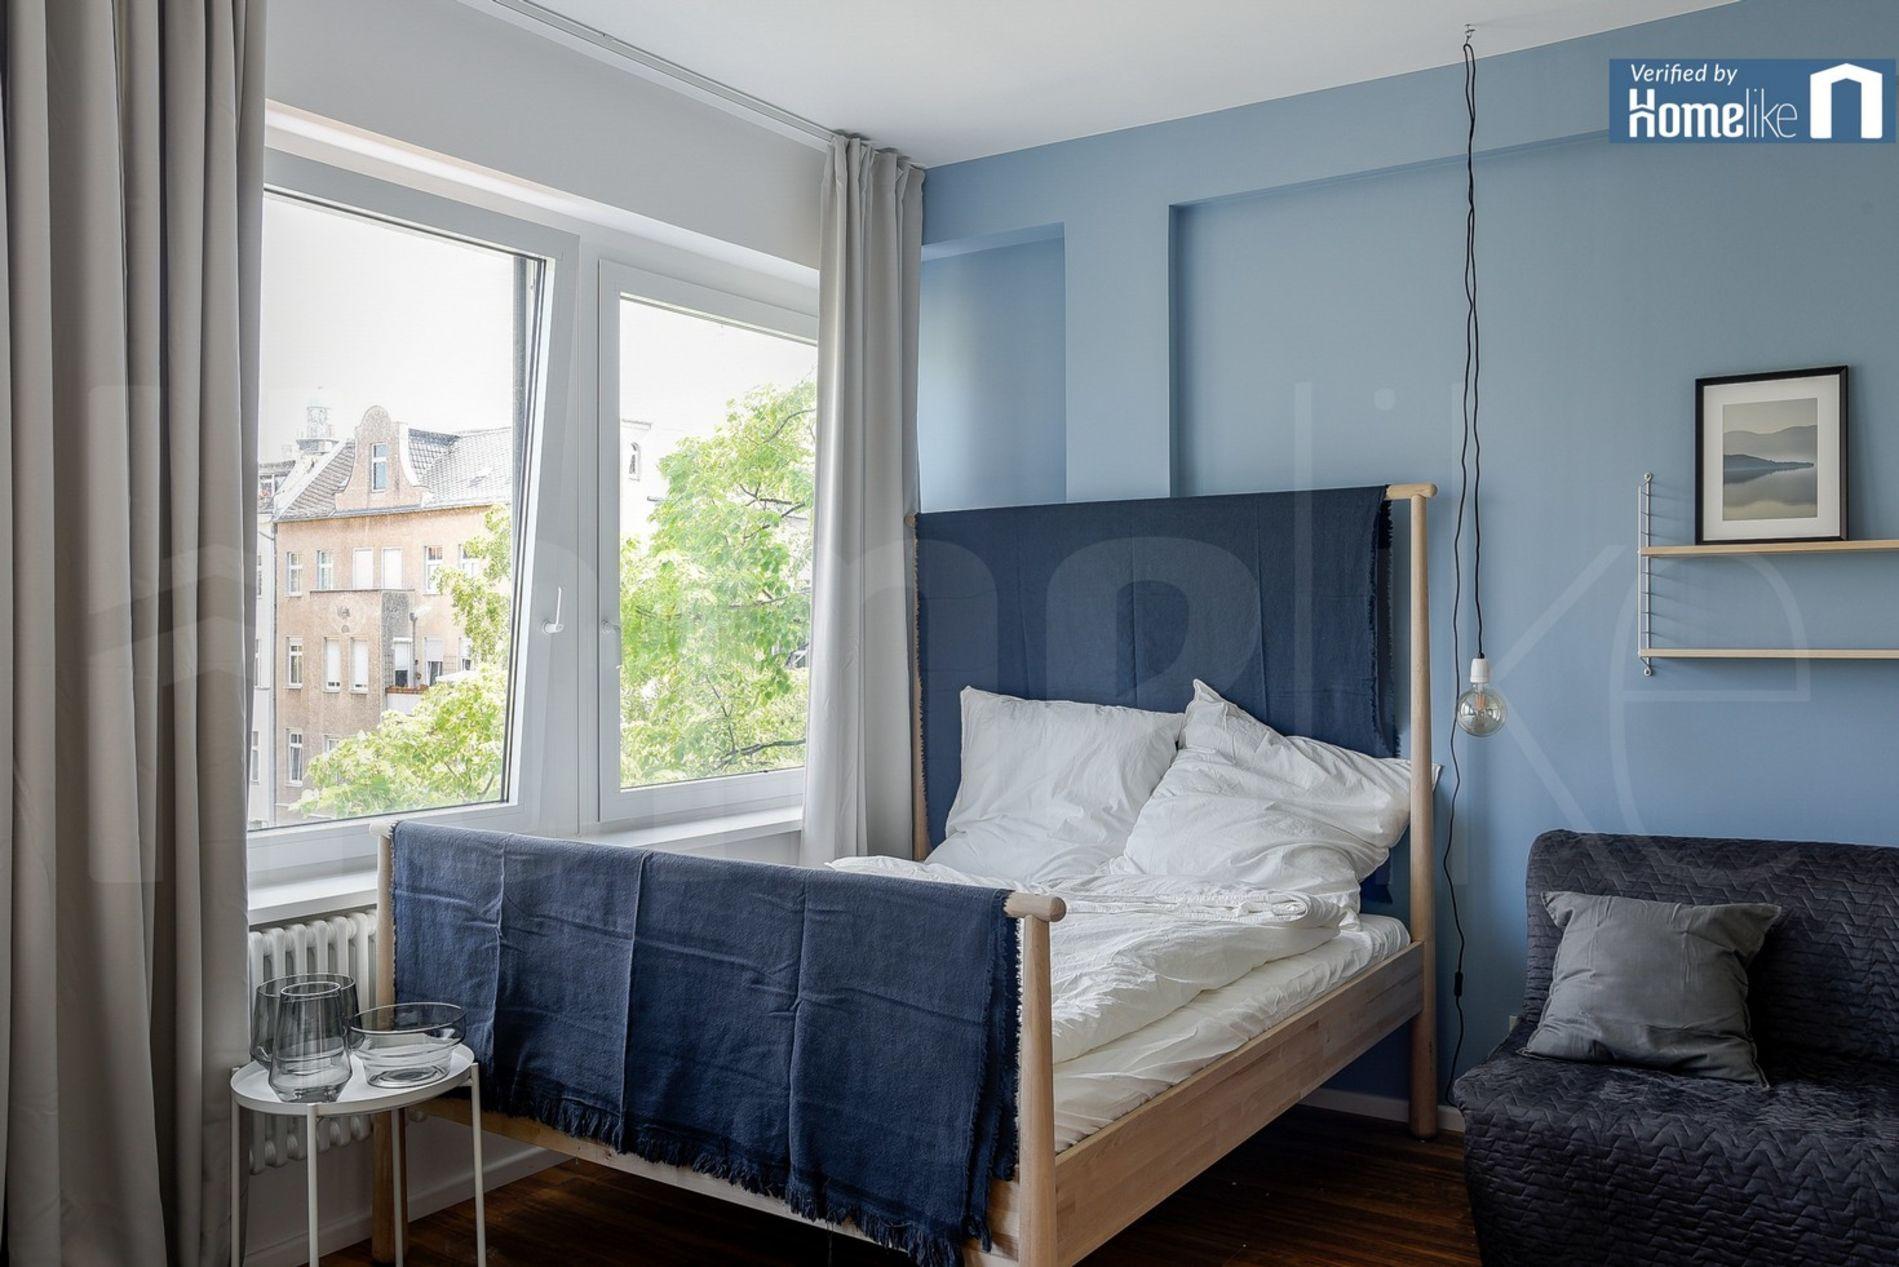 Studio apartment for rent in